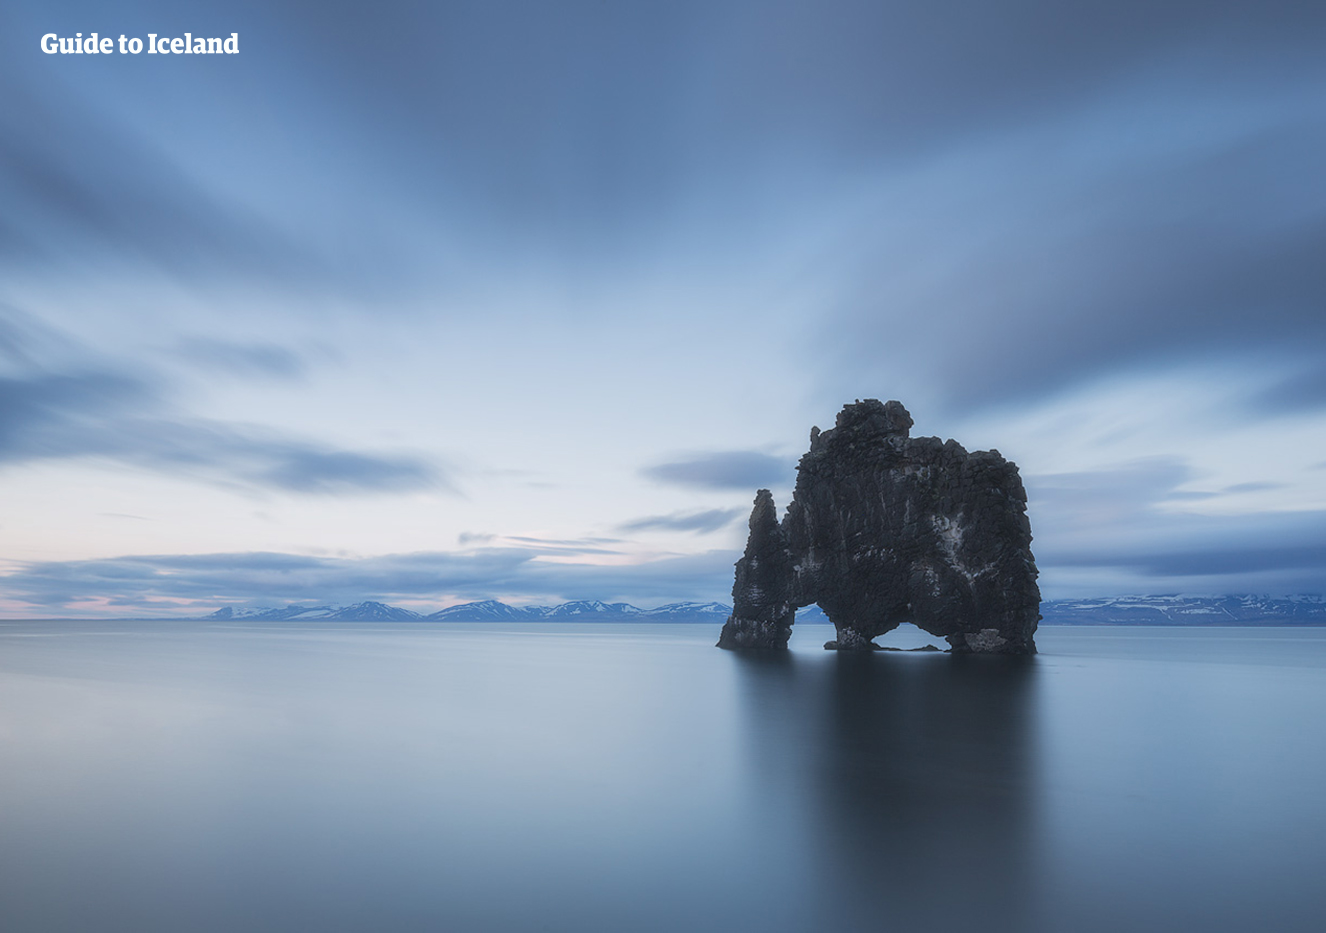 북부 아이슬란드의 크비트세르쿠르 바위. 무시무시한 용이 바다에서 나오는 듯한 형상을 하고 있습니다.